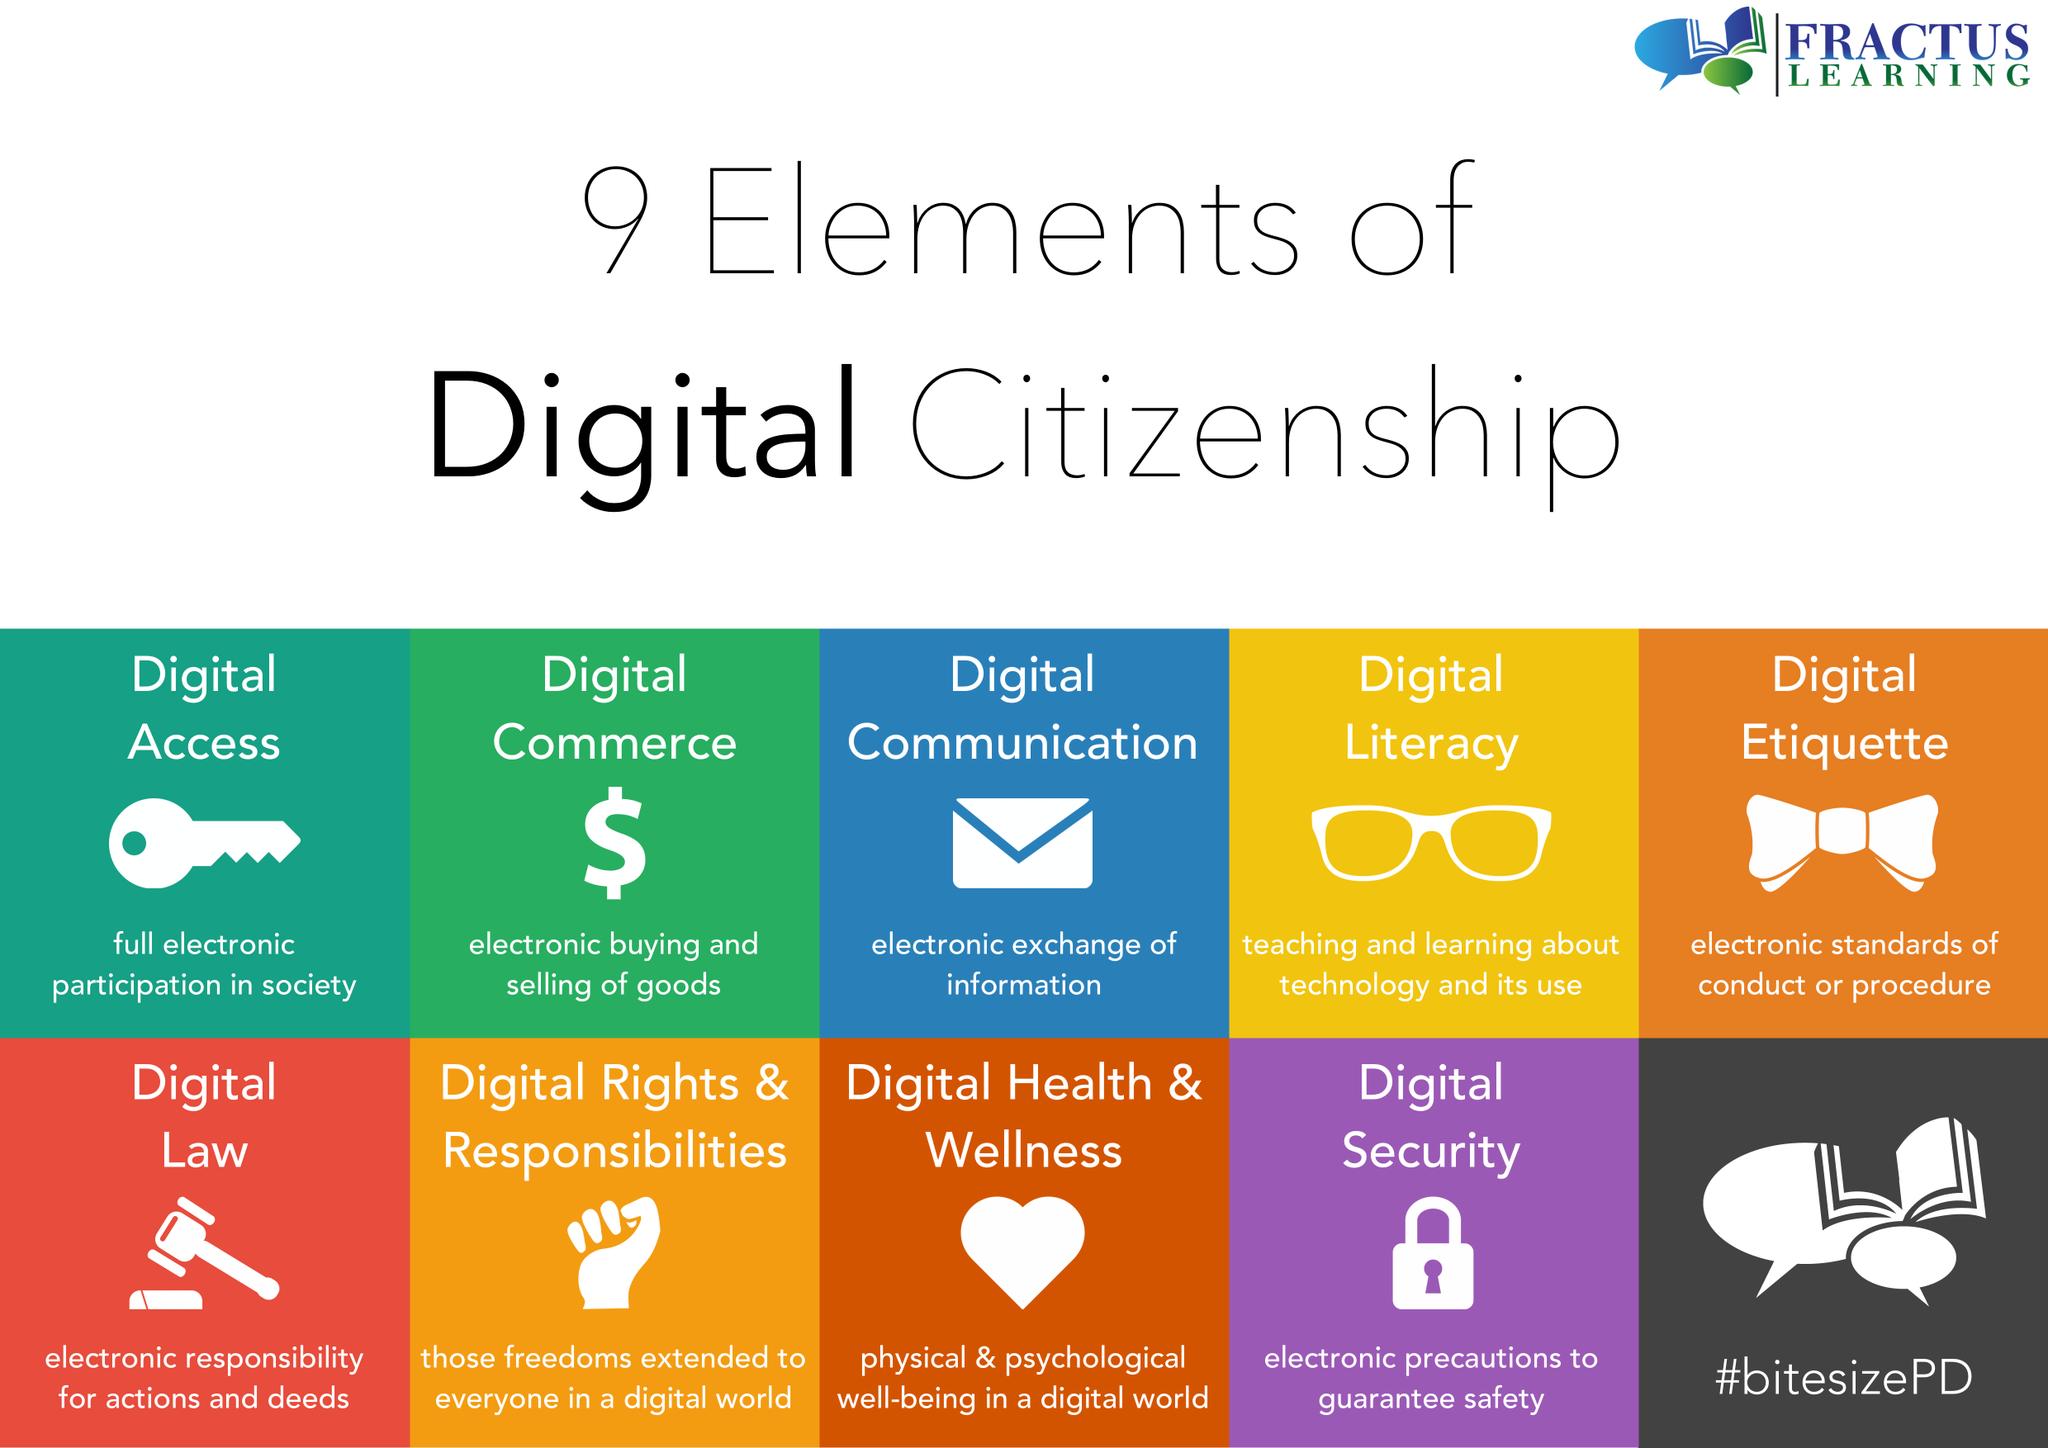 ¿Implica la #CiudadaníaDigital buenas prácticas únicamente en entornos tecnológicos? #UNESCOtic http://t.co/seD3ICCFlA